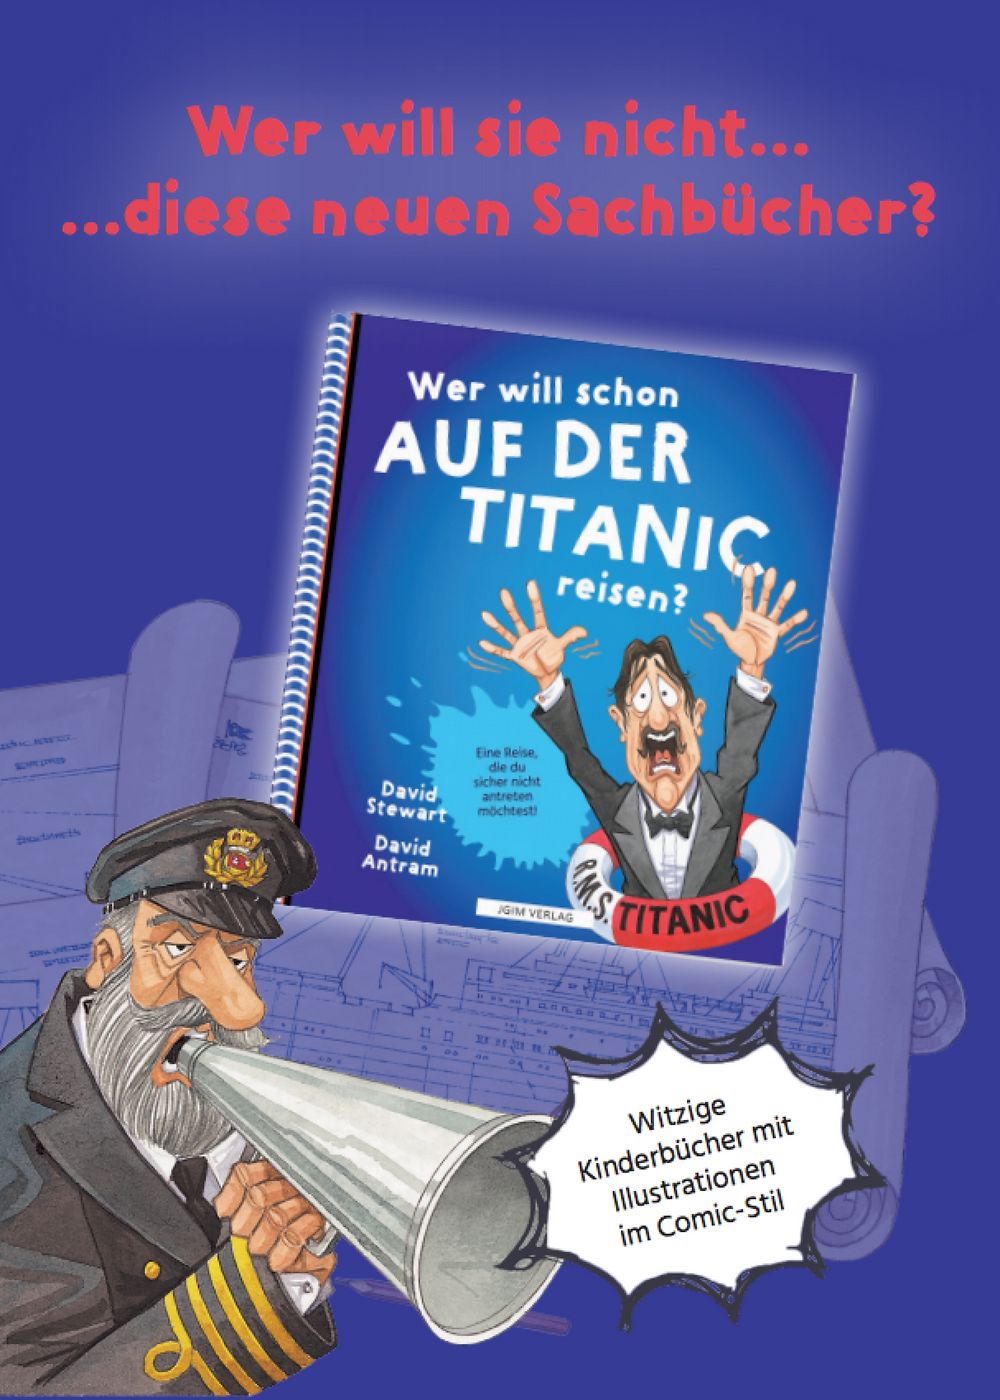 JGIM Verlag . WER WILL SCHON ... Kinderbuchserie